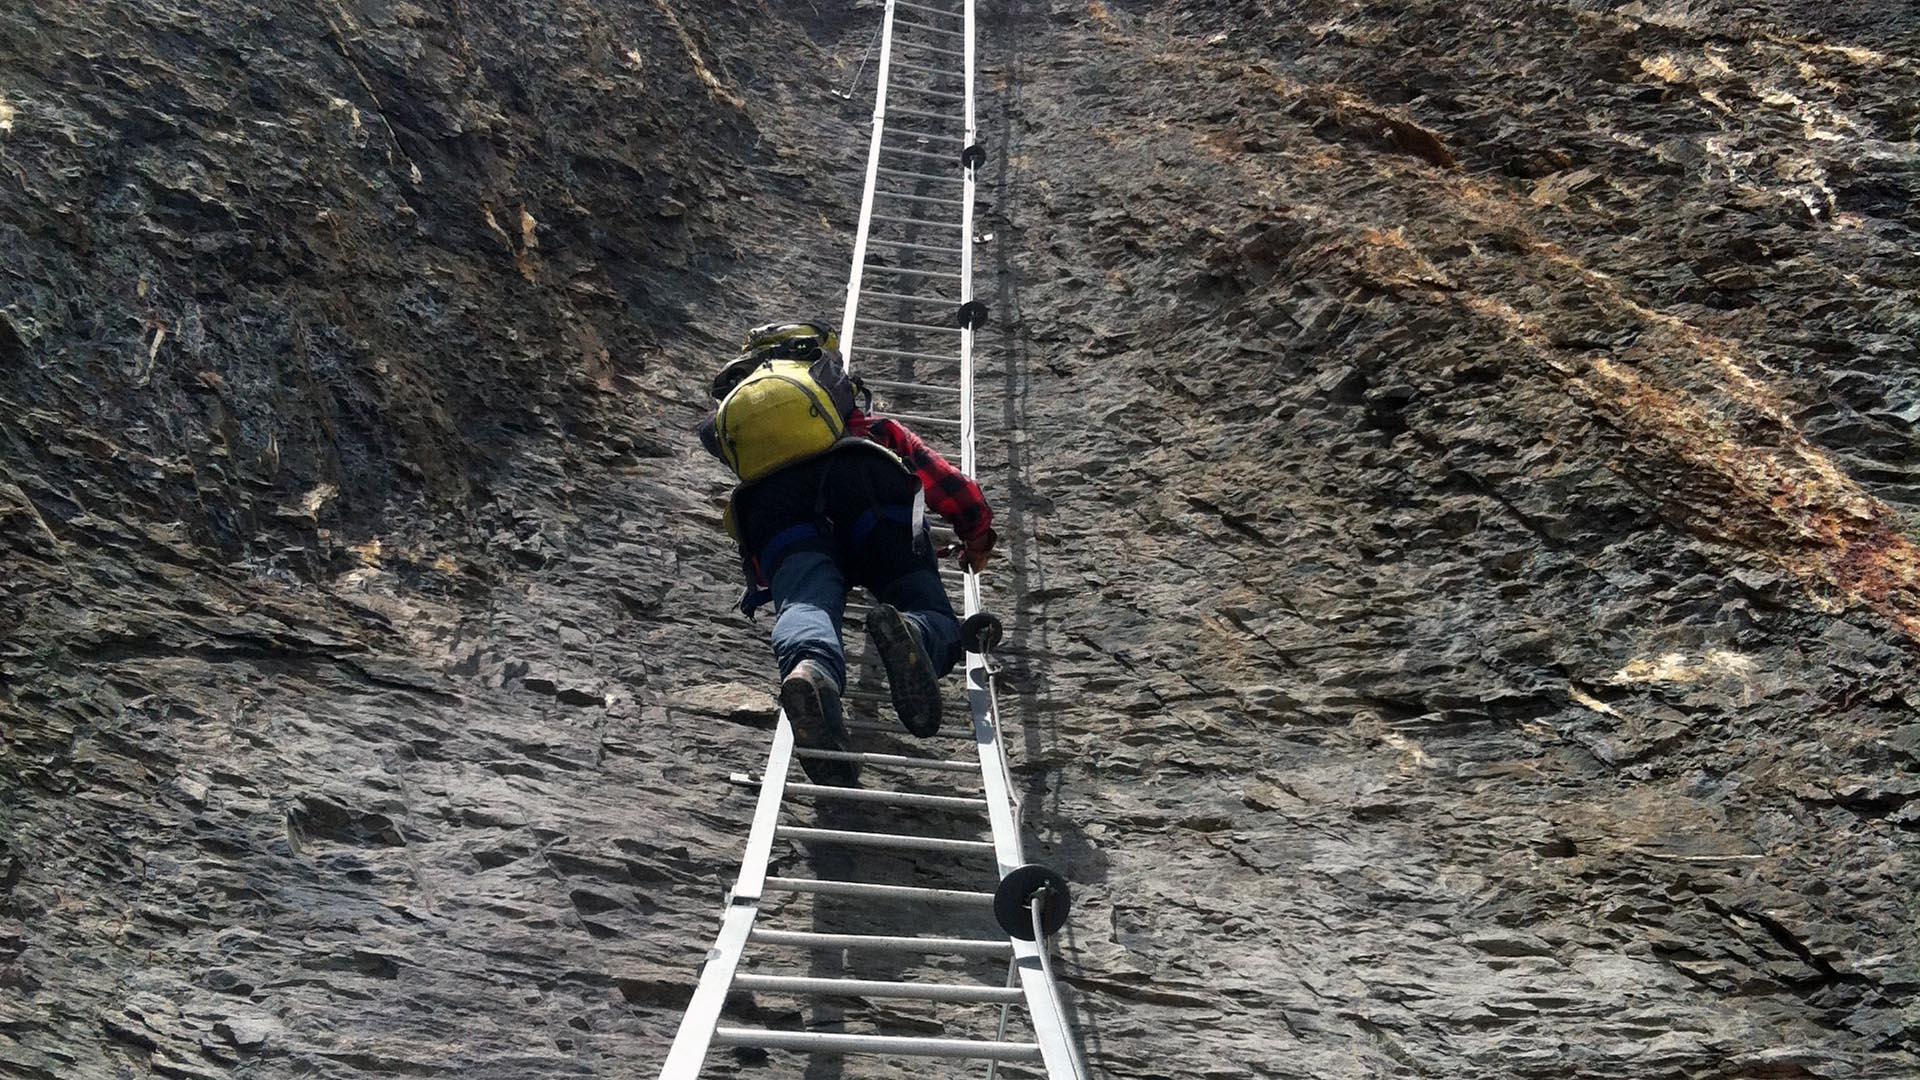 Klettersteig Wallis : Ab samstag oktober ist der klettersteig gemmi daubenhorn